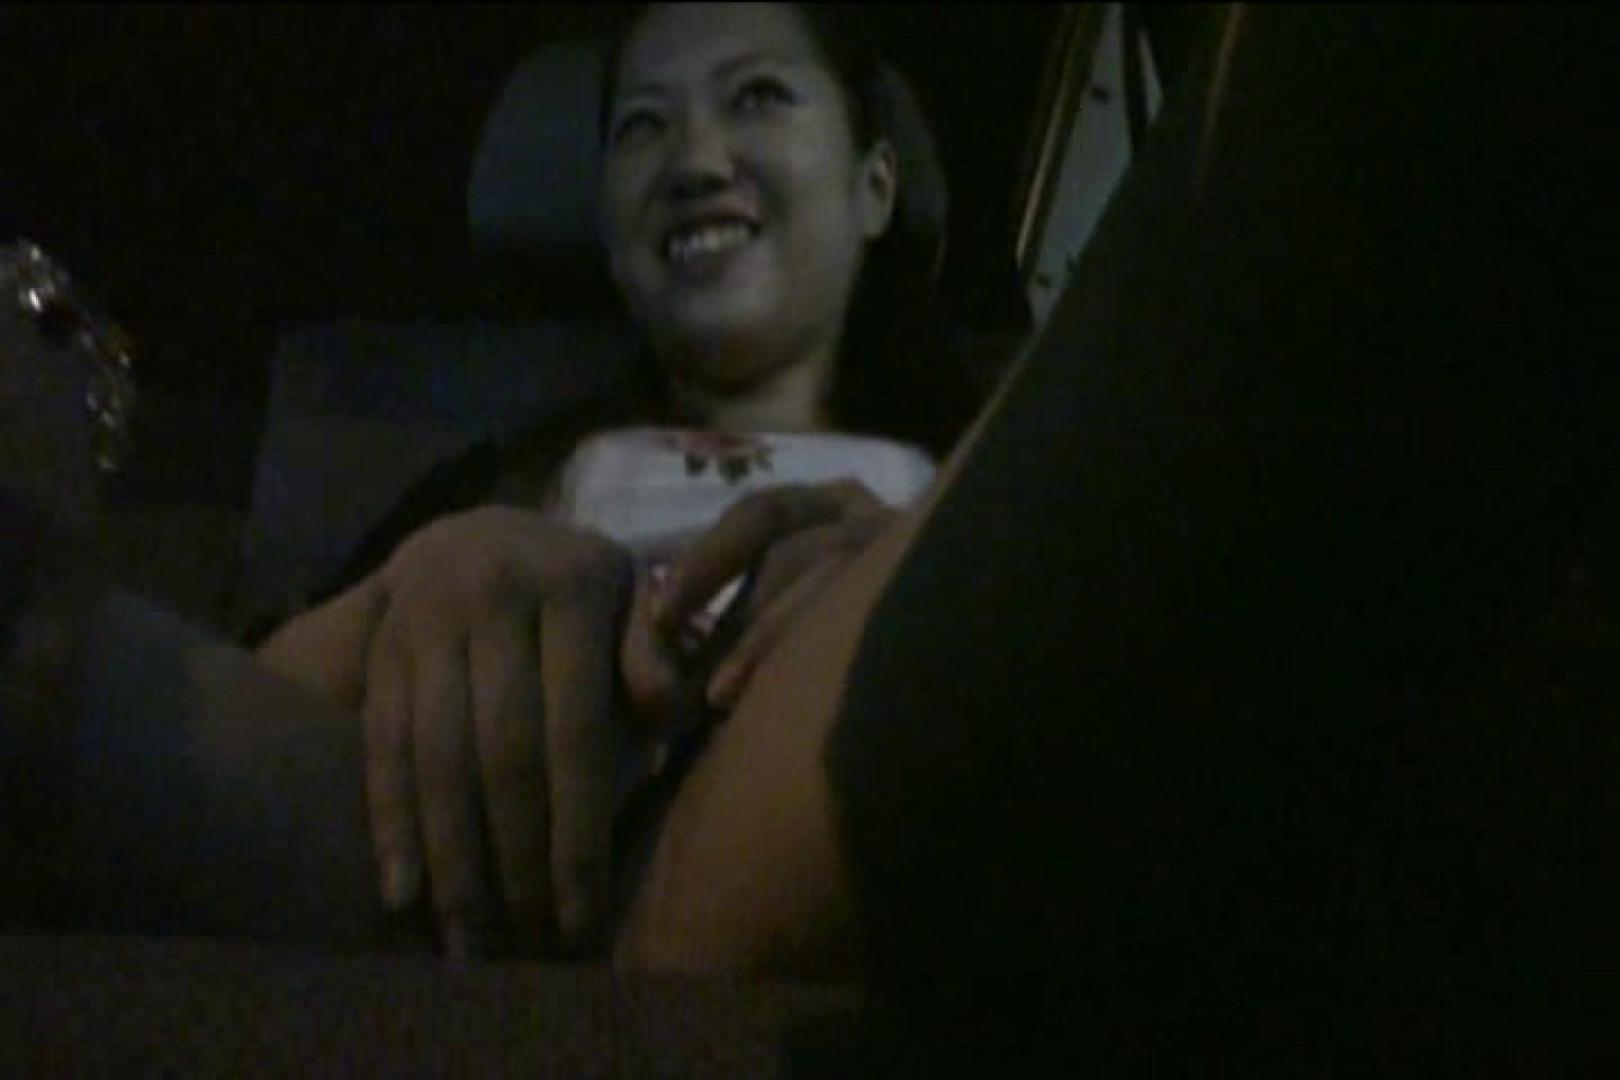 車内で初めまして! vol01 ハプニング   盗撮  68pic 56